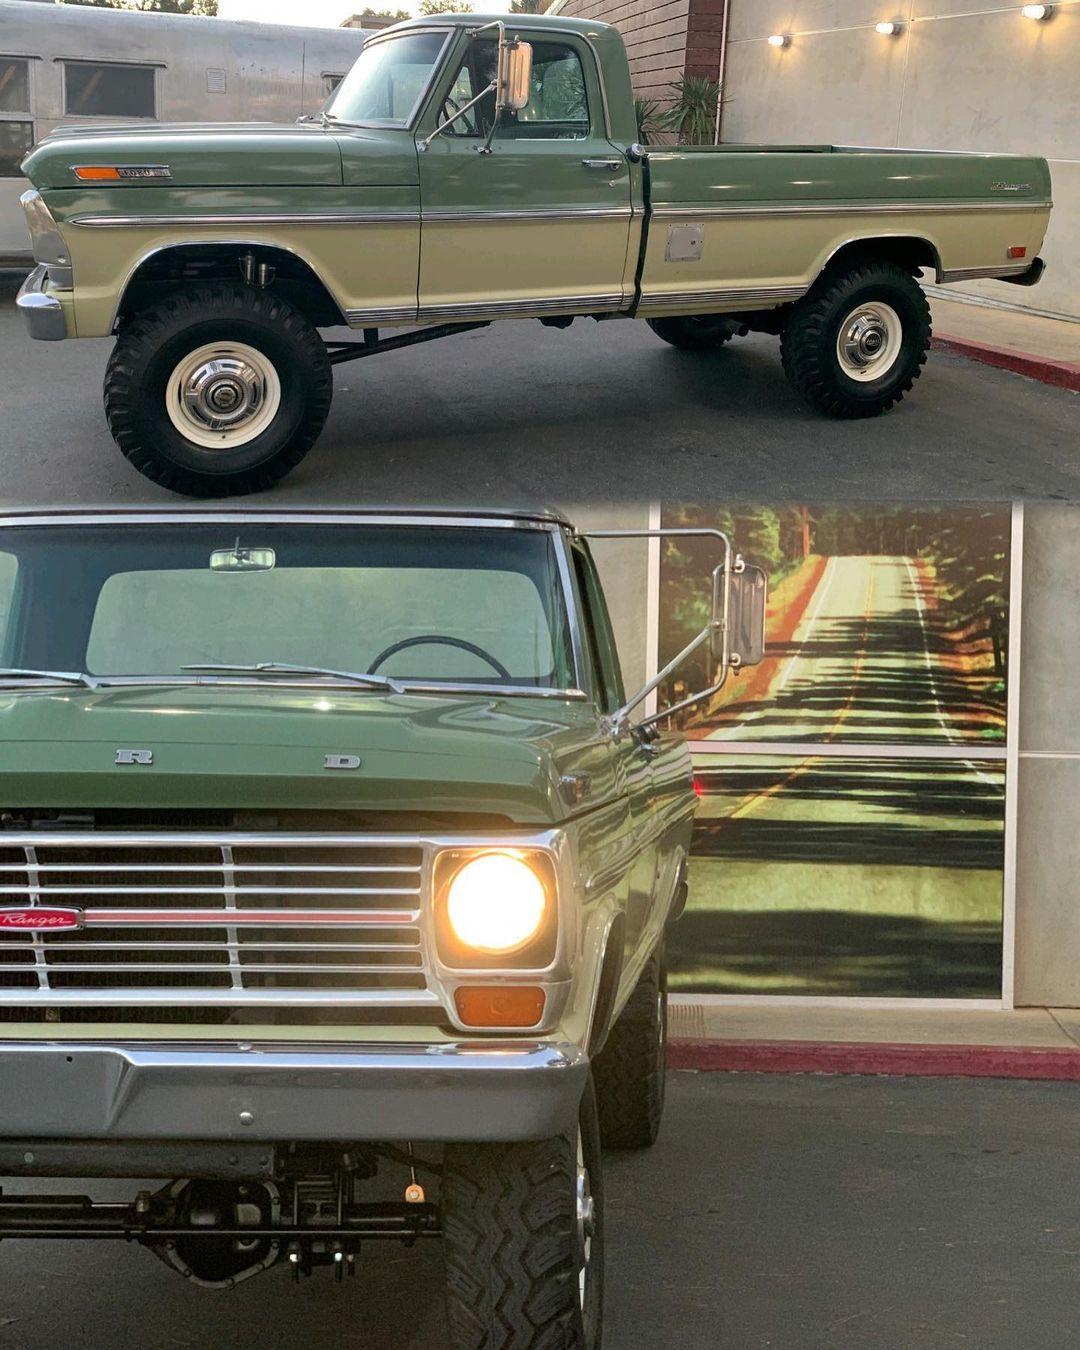 1969 Ford F250 Ranger 360FE 4x4 - For Sale 3.jpg